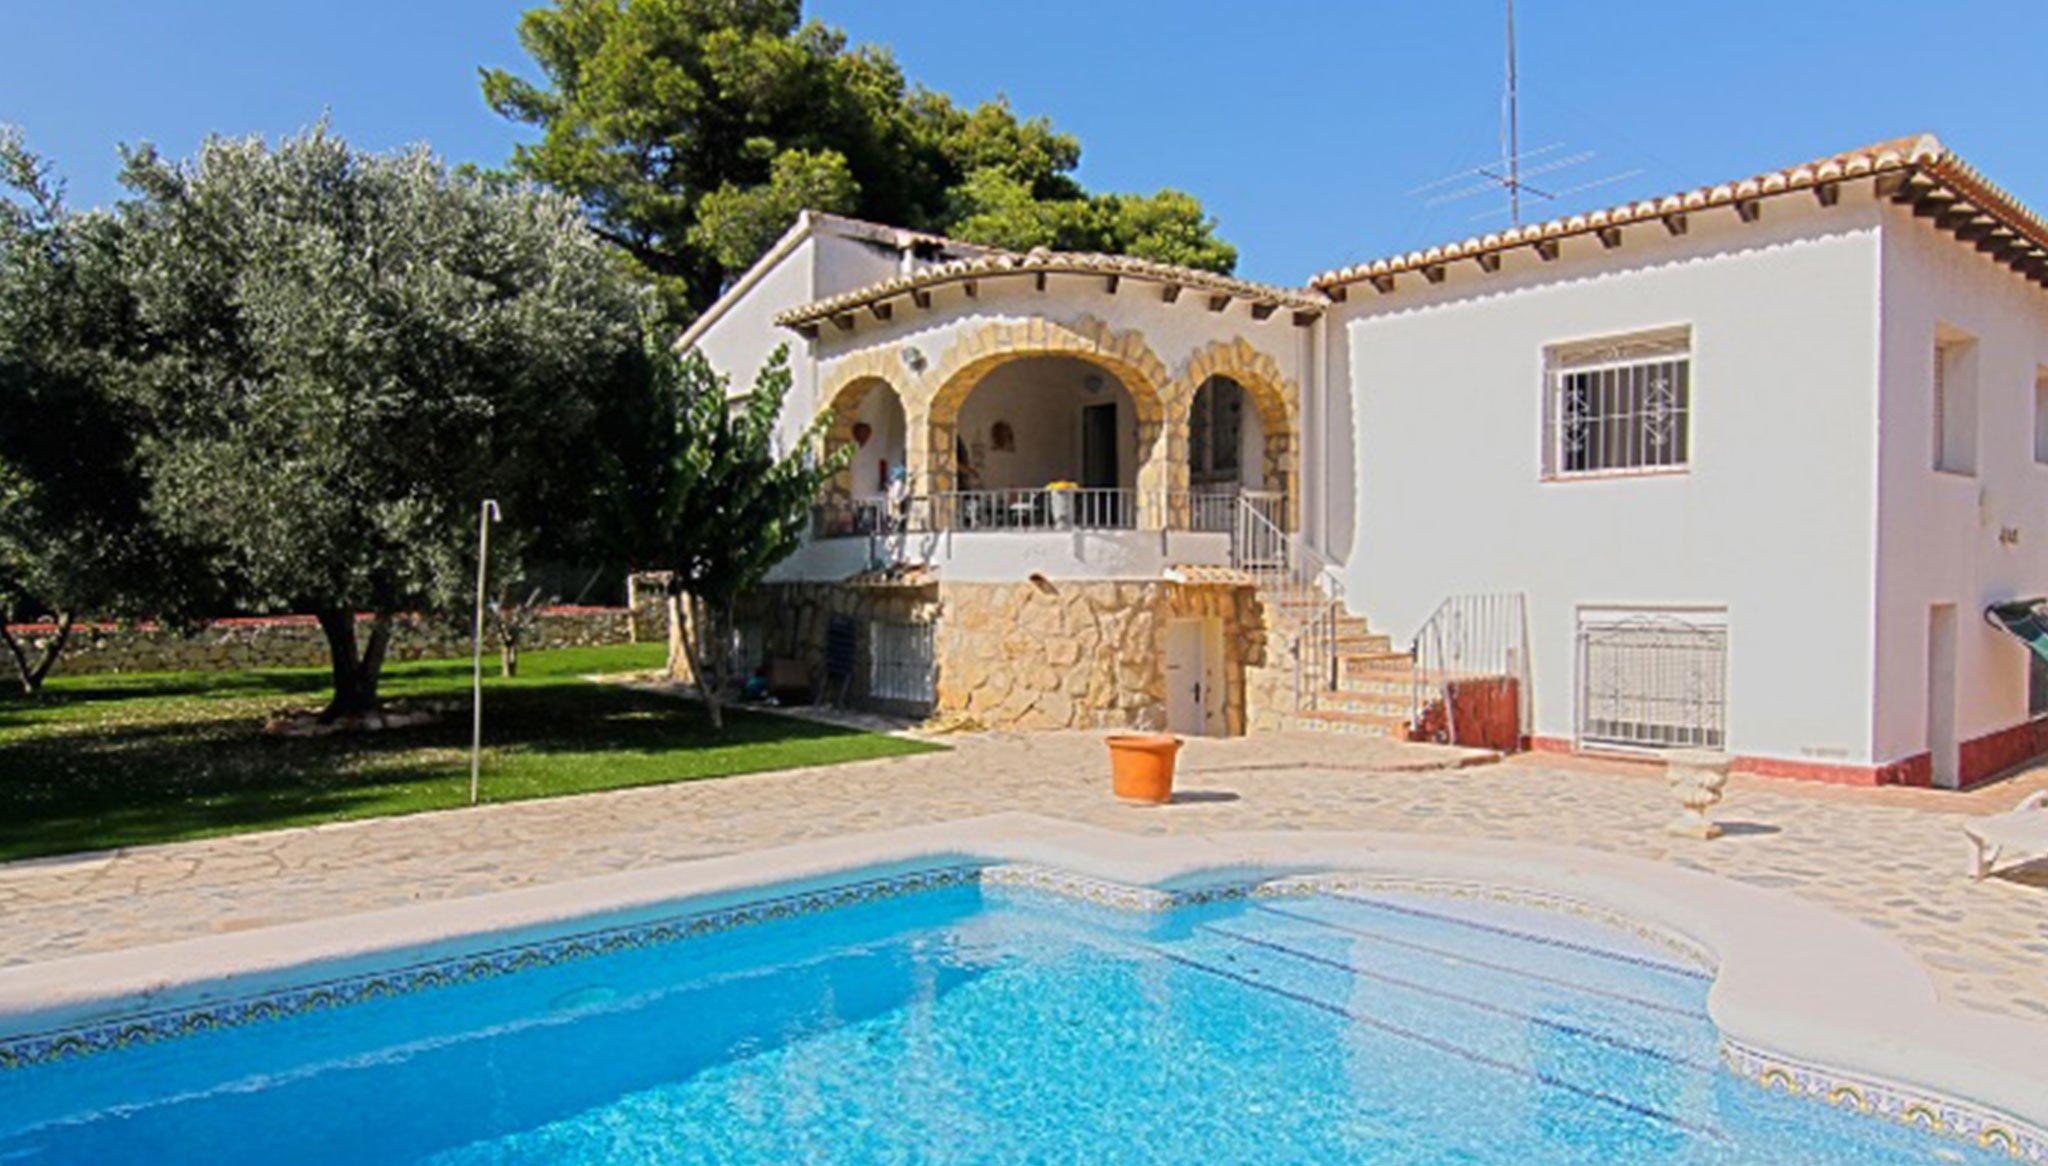 Aussenansicht einer Villa zum Verkauf in Jávea - MORAGUESPONS Mittelmeerhäuser